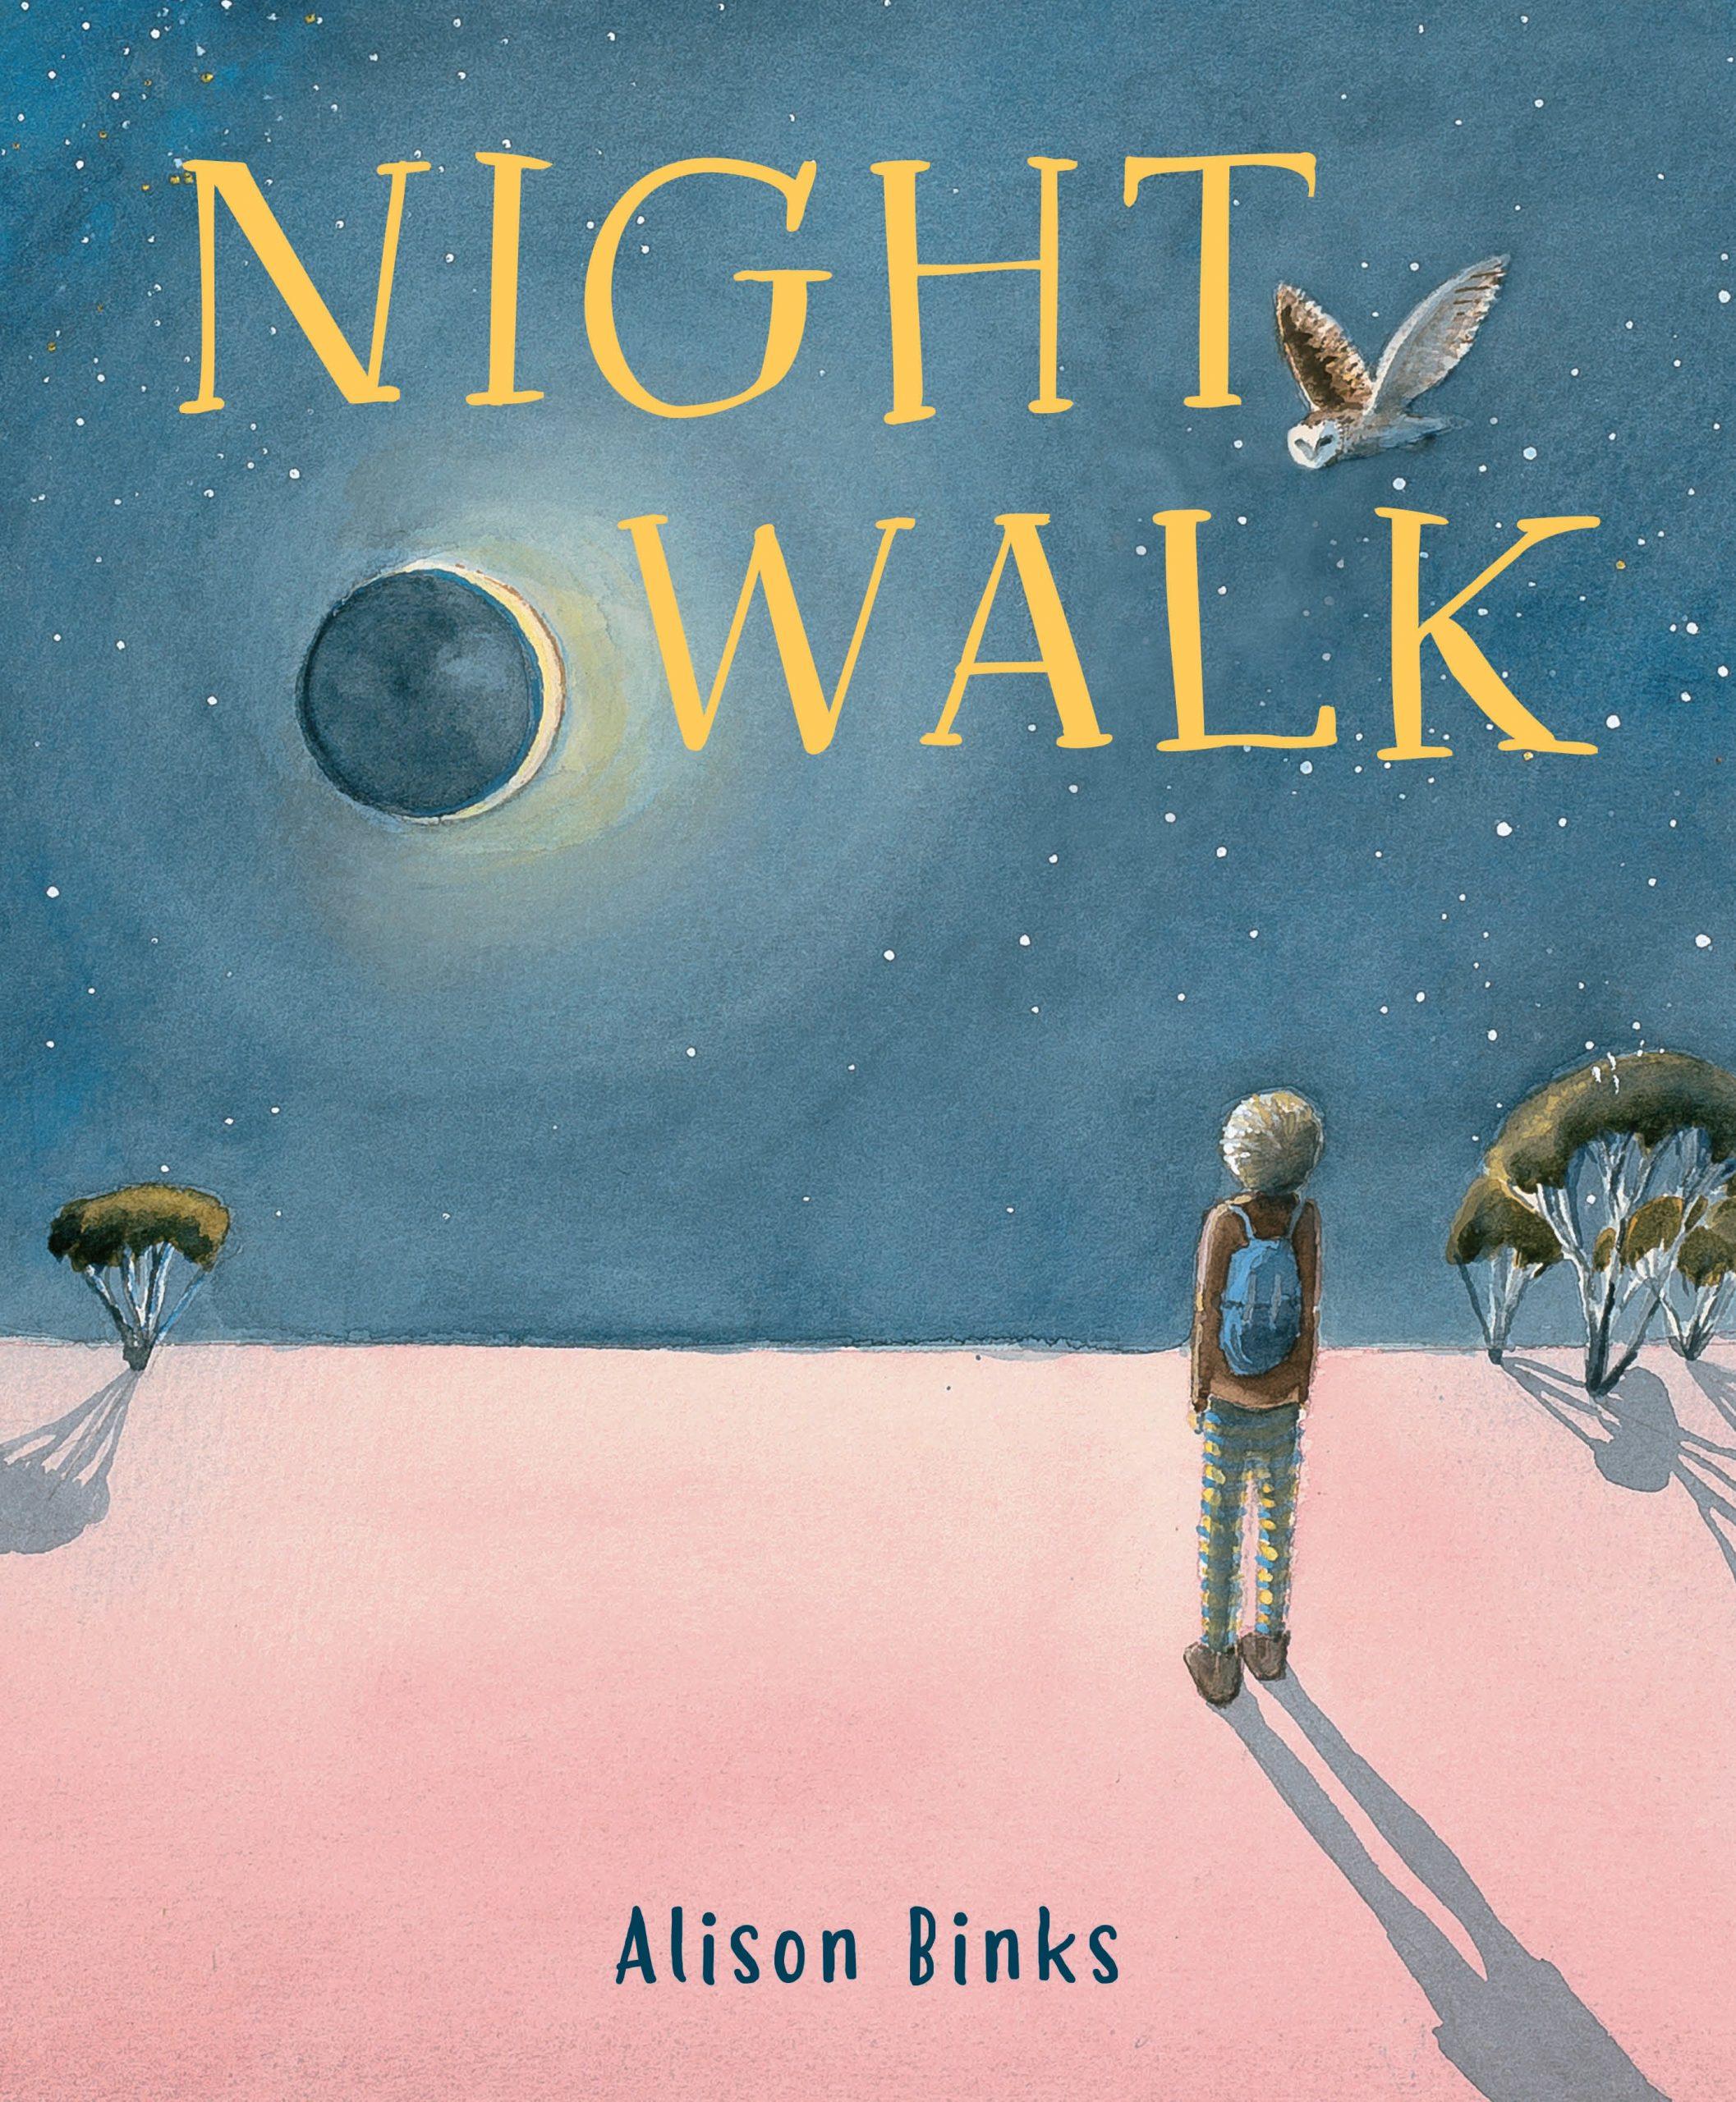 Night Walk